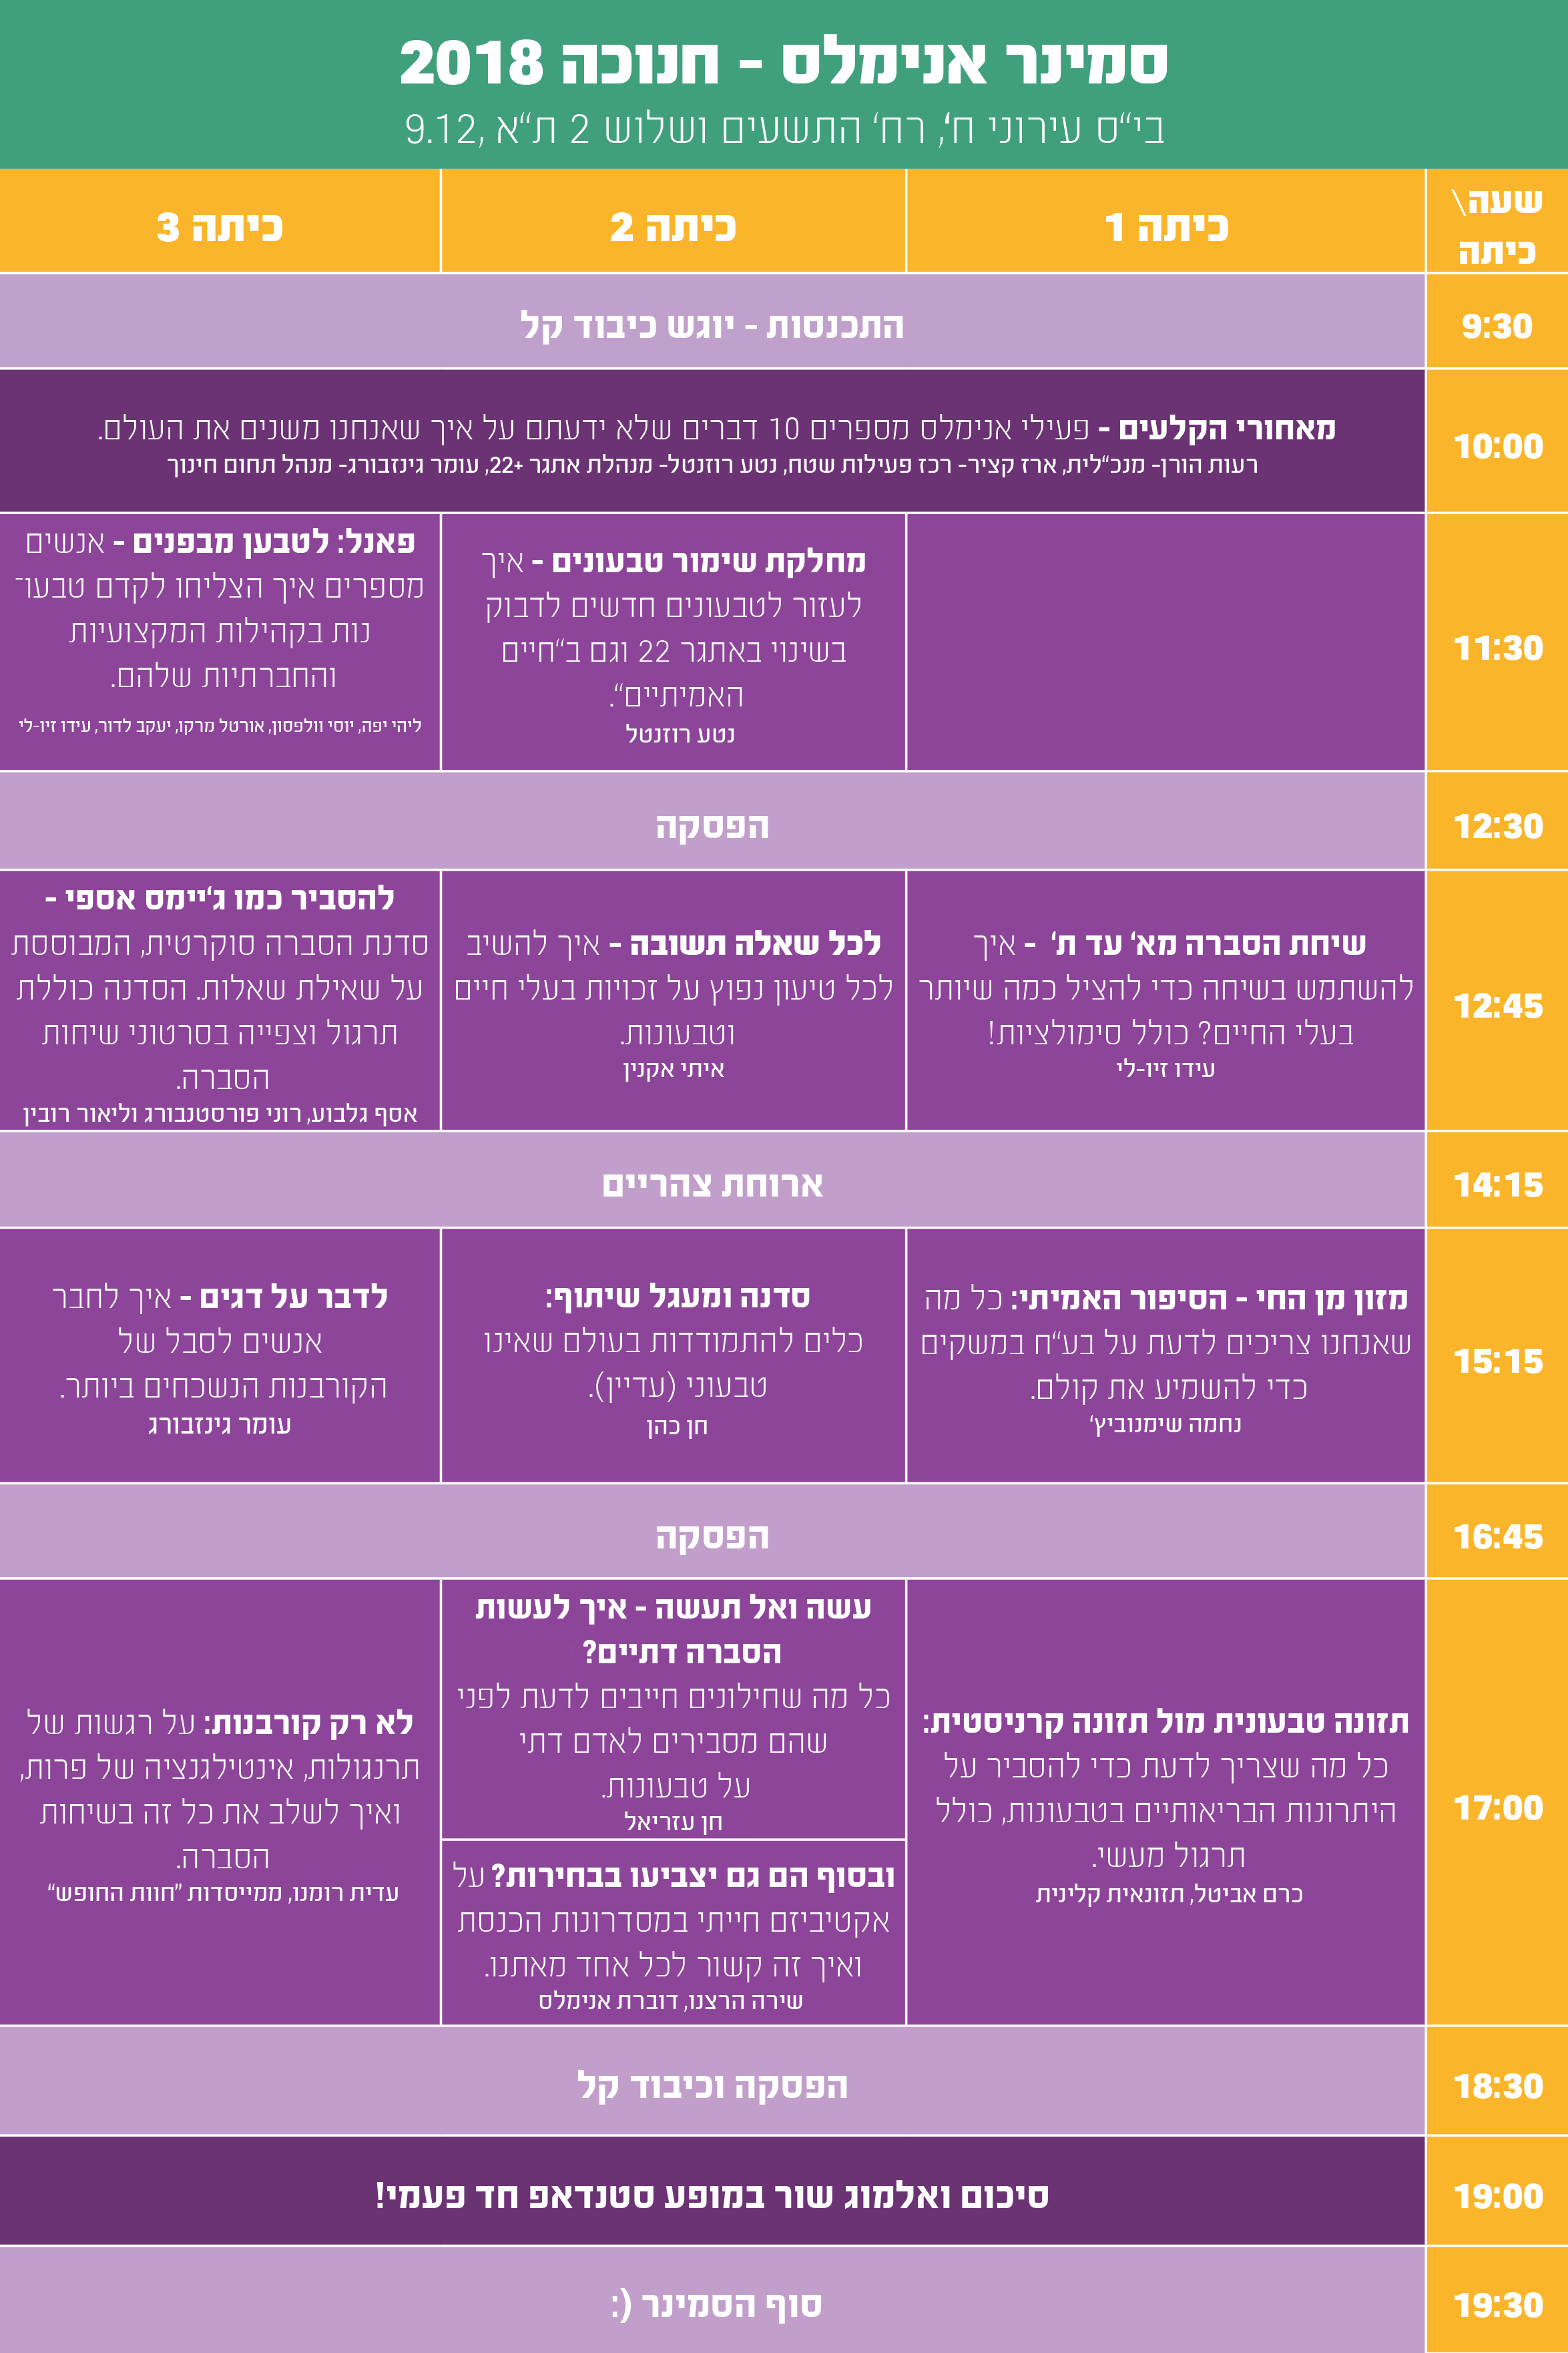 seminar-schedule-3